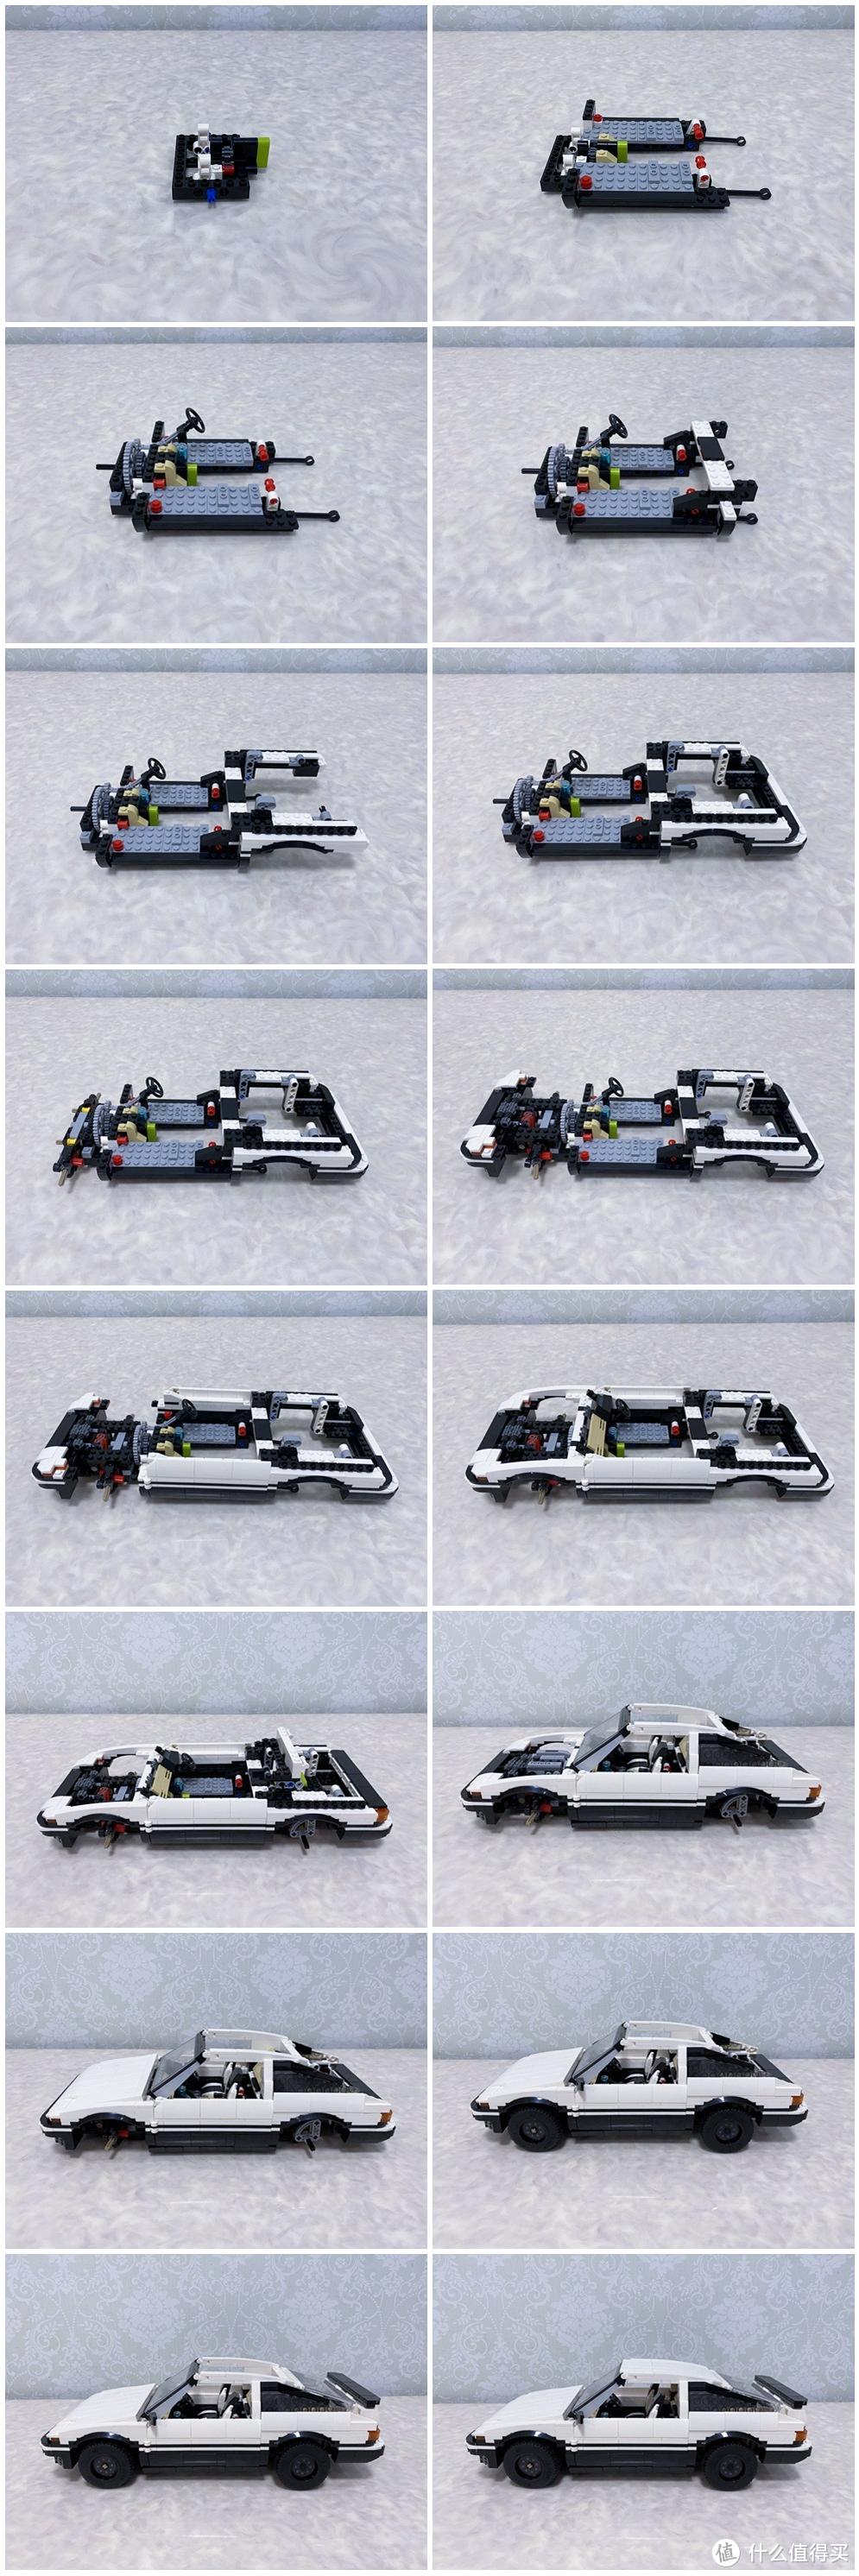 送豆腐的秋名山神车,既是信仰又是情怀!咔搭积木 丰田AE86 拼搭记